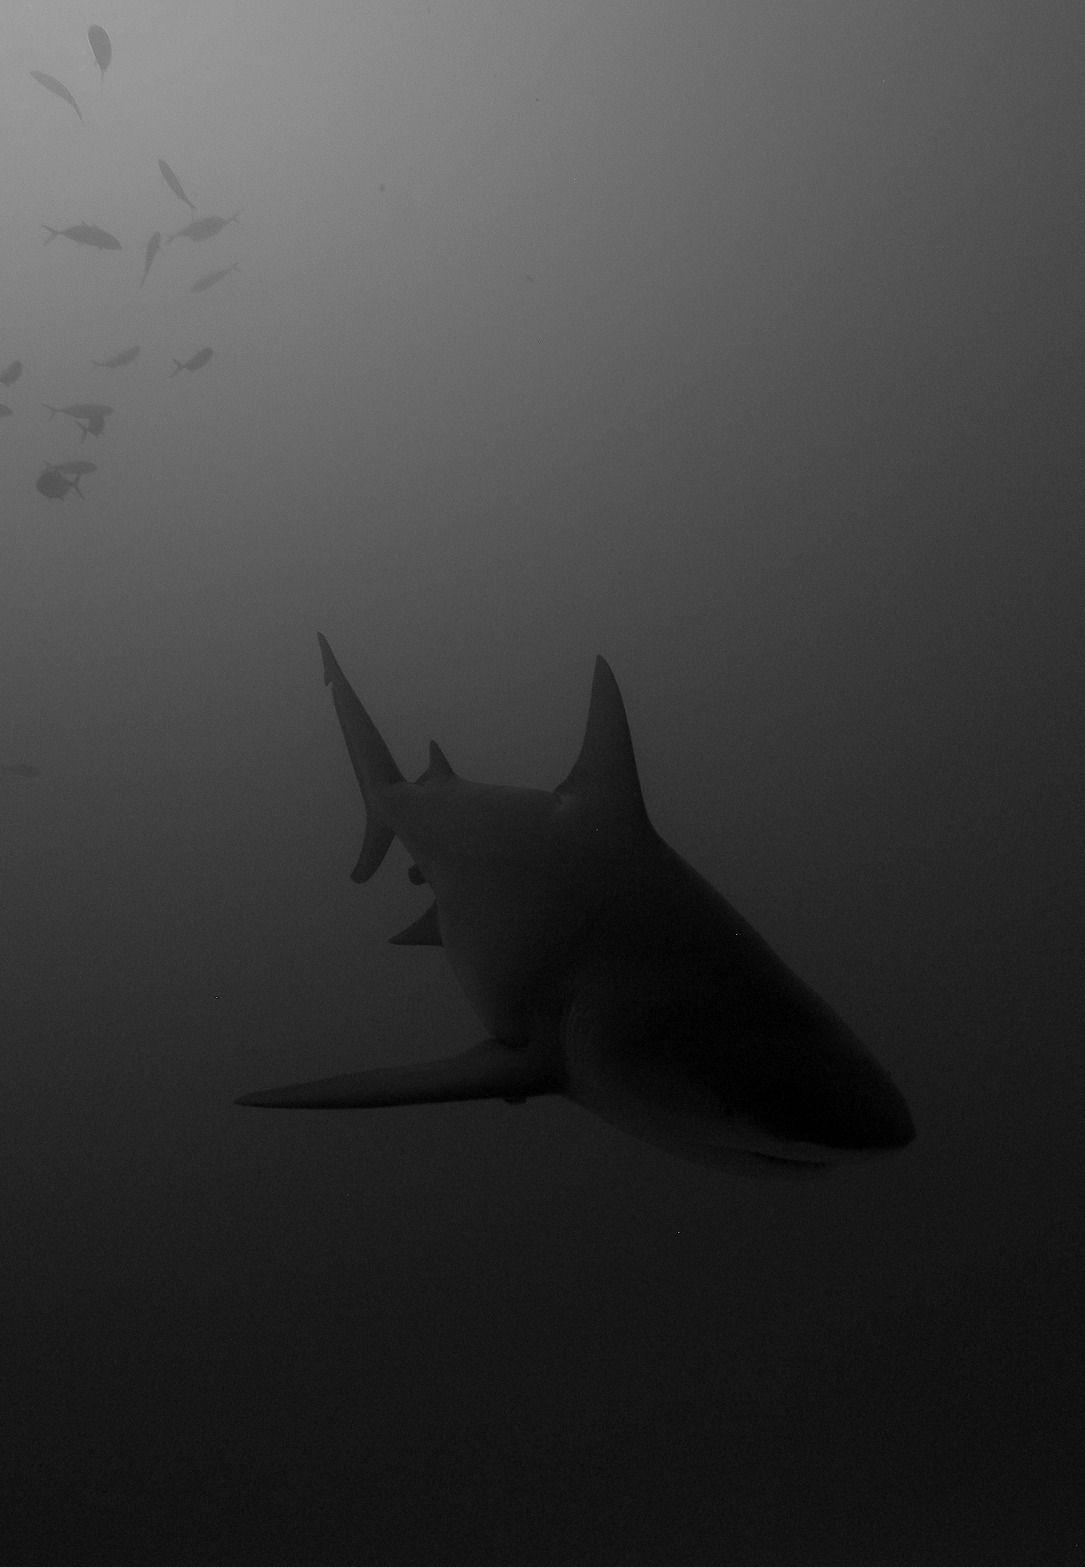 Epingle Par Michal Majchrzak Sur Animals Photos De Requin Requin Animaux